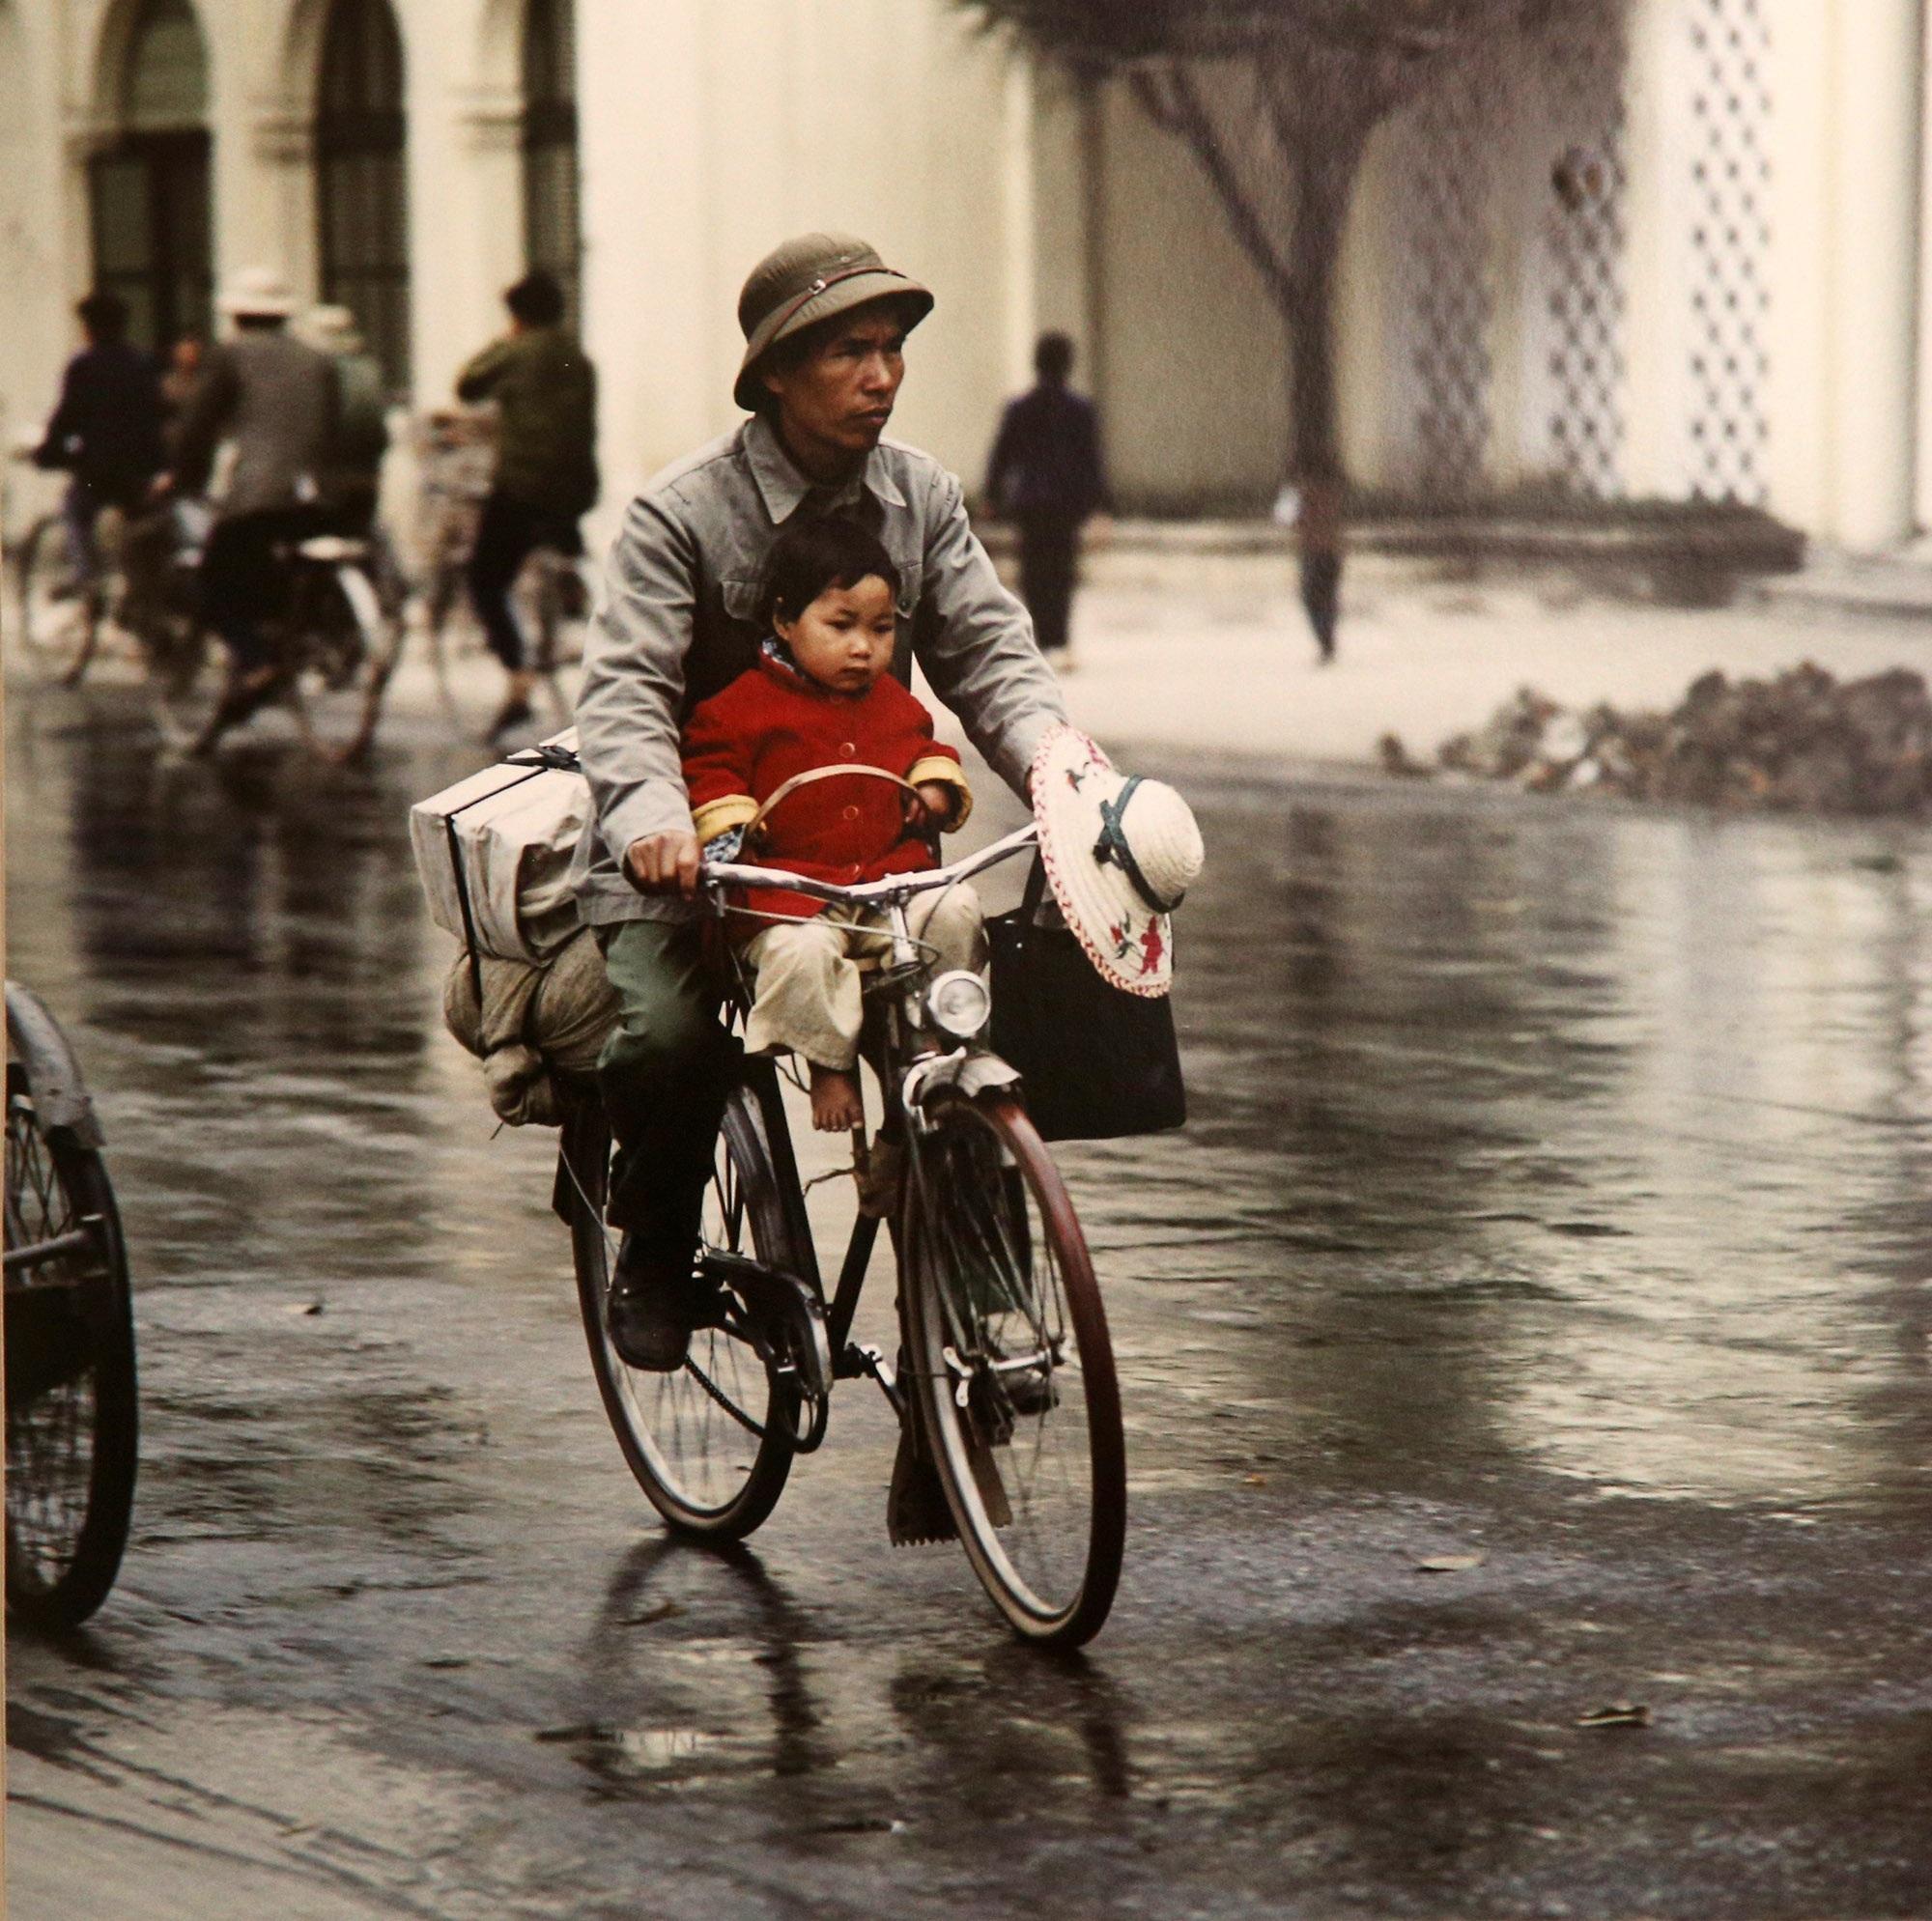 Hình ảnh quý về Hà Nội thời gian khó của nhiếp ảnh gia người Đức - 13